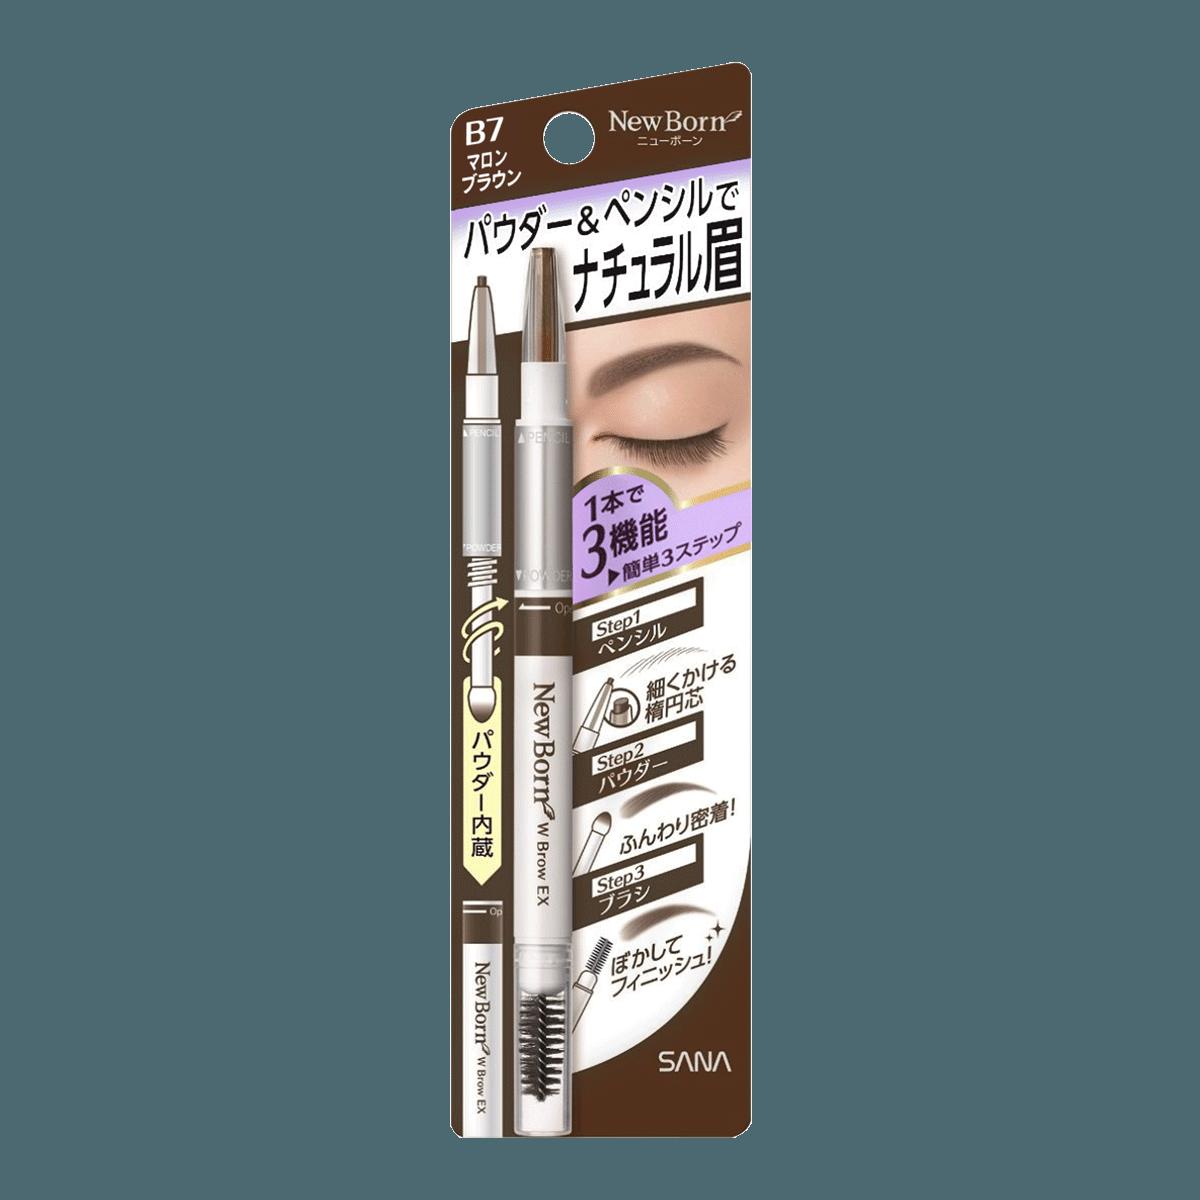 日本SANA莎娜 NEW BORN EX 眉采飞扬三用眉笔 眉笔+眉粉+旋转眉刷 #B7甜栗棕 单支入